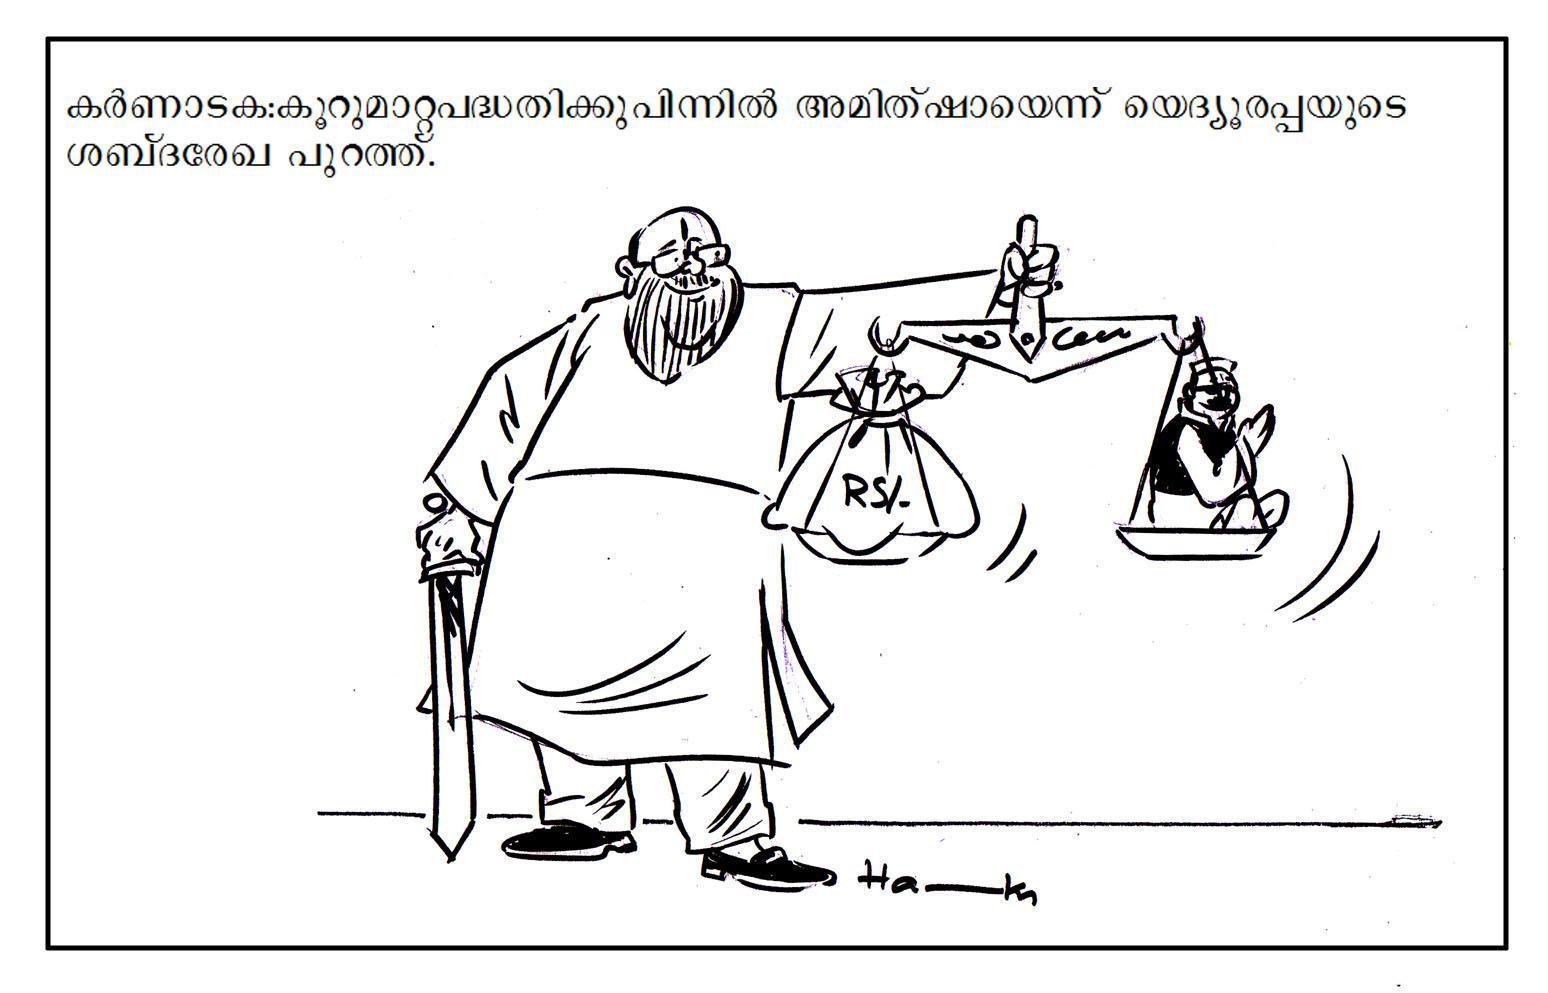 കർണാടക: കൂറുമാറ്റ പദ്ധതിക്കു പിന്നിൽ അമിത് ഷാ എന്ന് യെദ്യൂരപ്പ